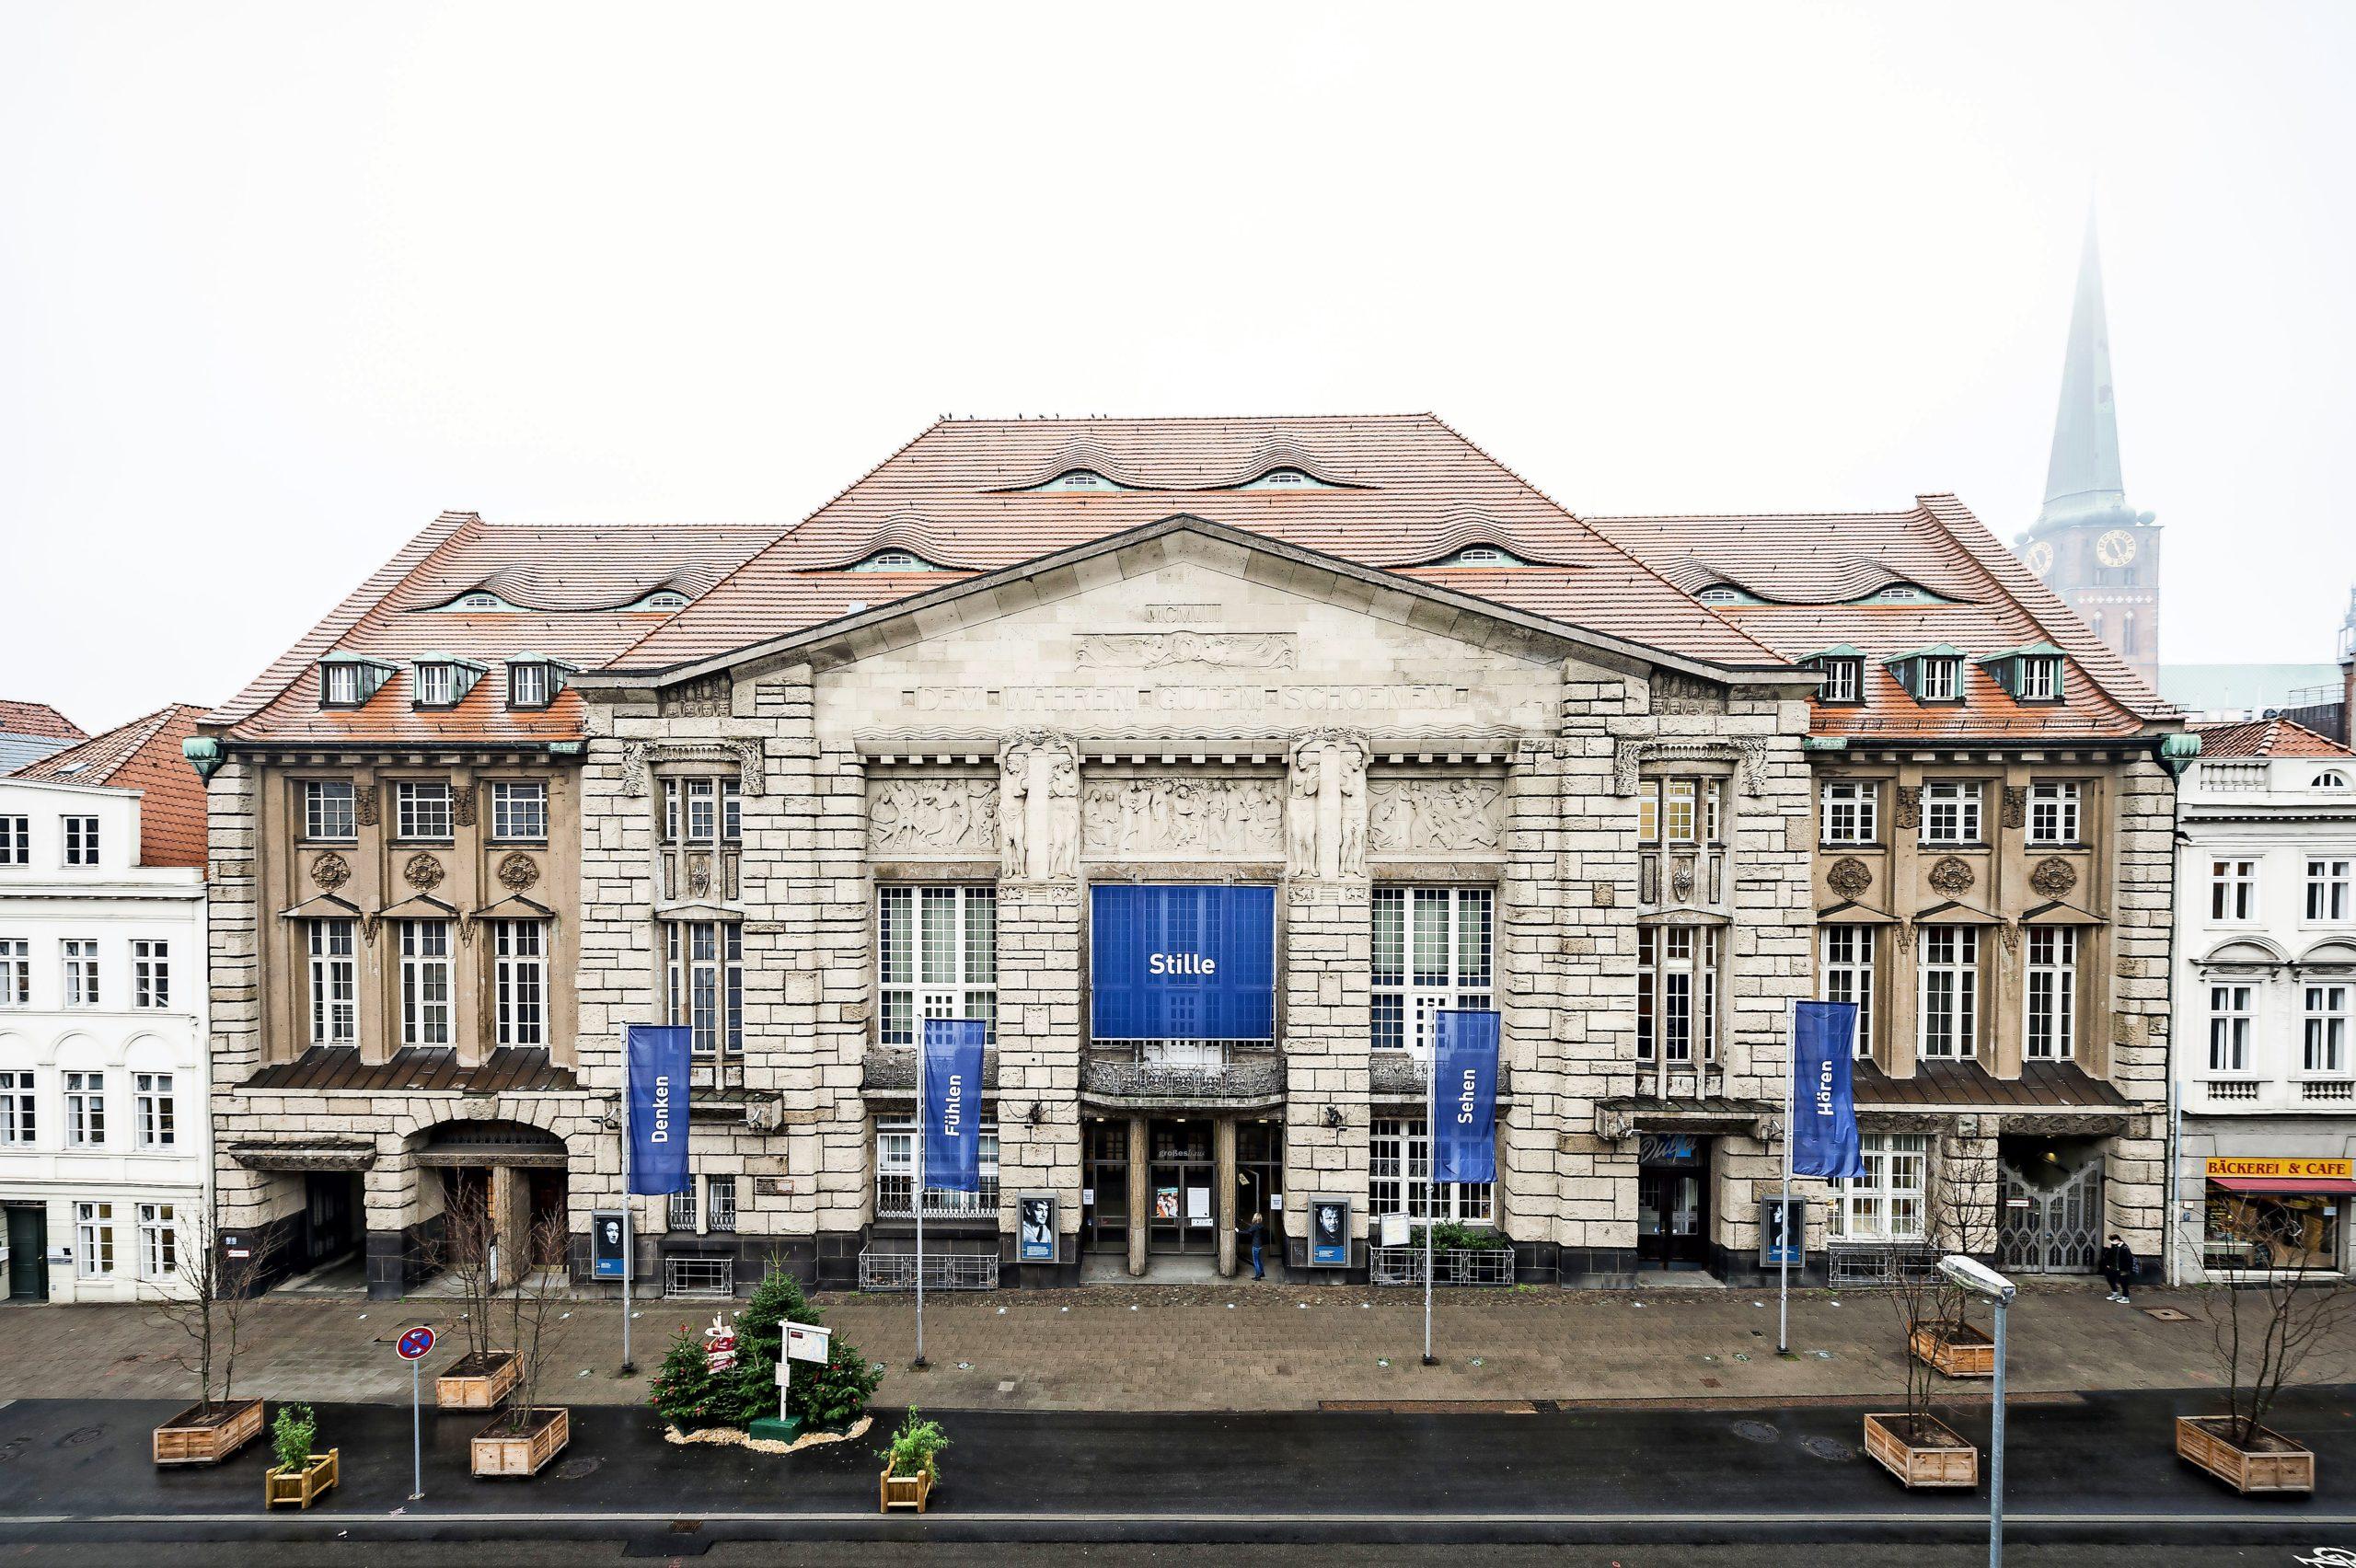 Um seinen Beitrag zur Eindämmung der Pandemie zu leisten, verlängert das Theater Lübeck die Spielpause bis 6. Januar 2021.